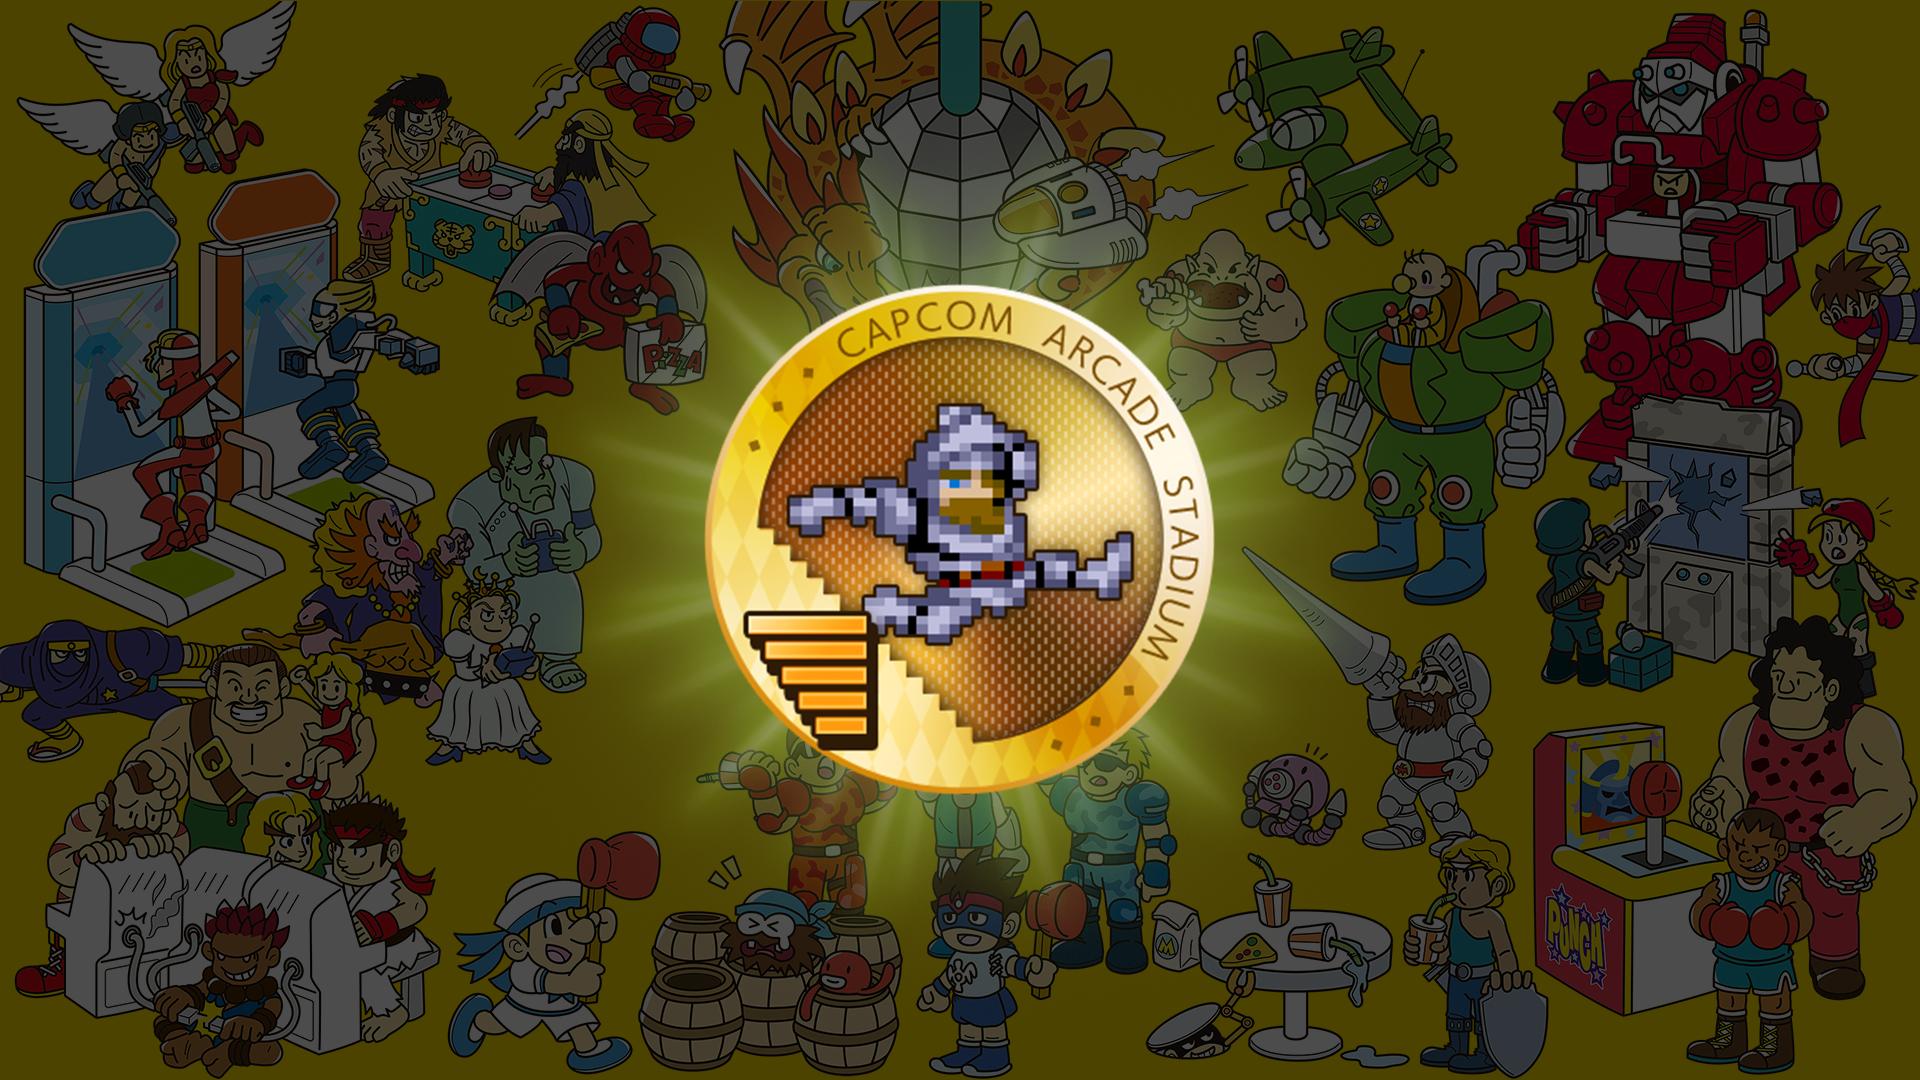 Icon for Technician